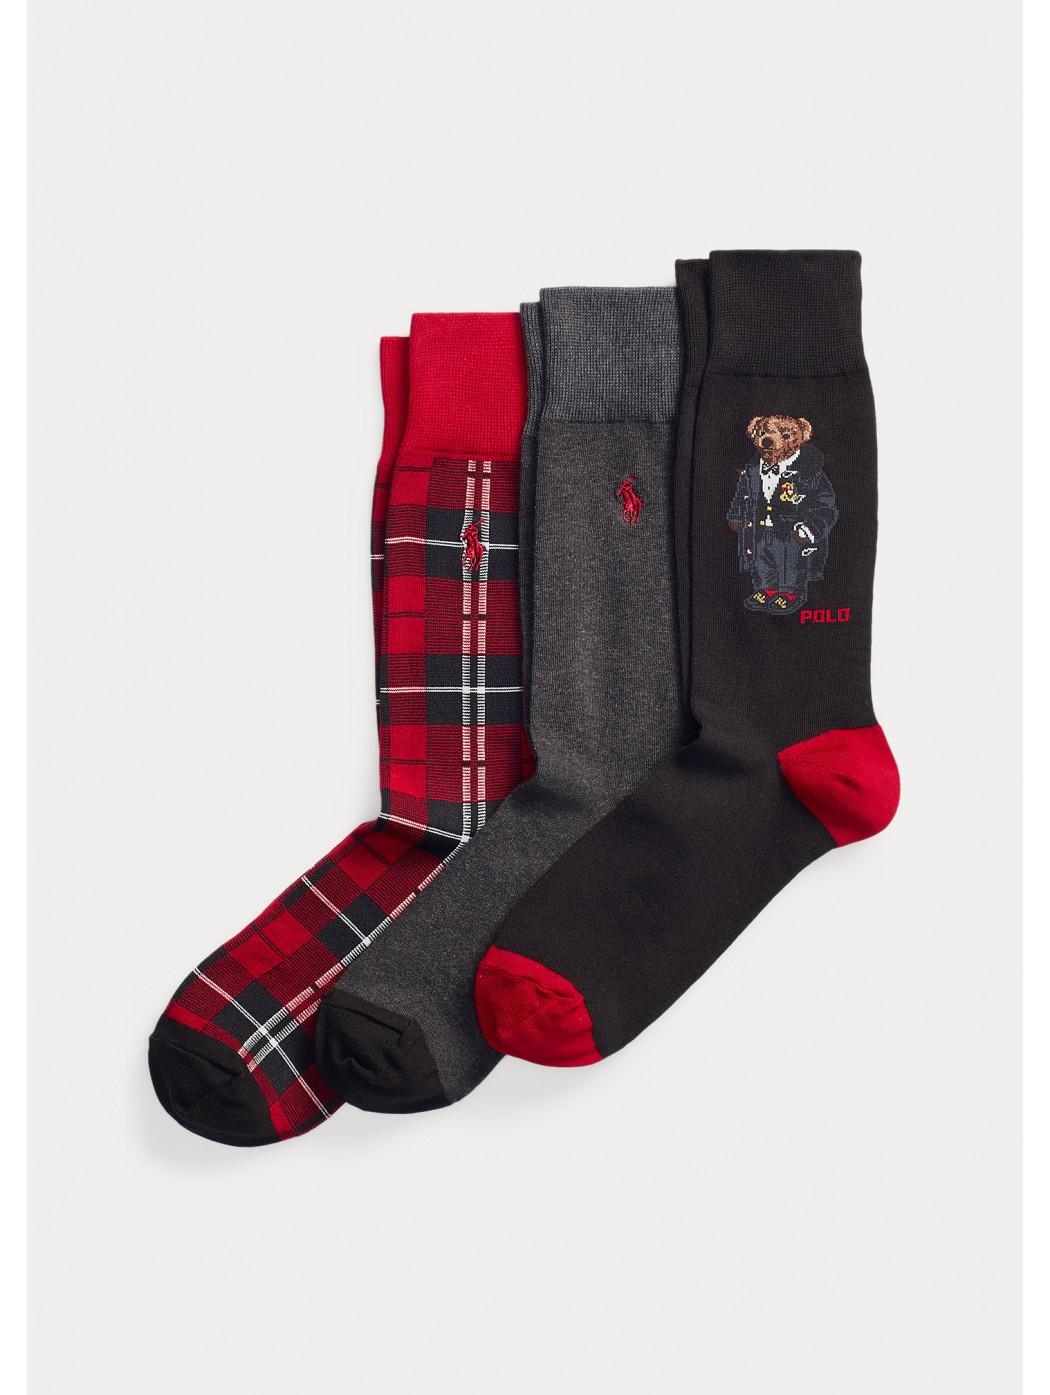 Set regalo di calze sportive Polo Bear POLO RALPH LAUREN UOMO 449824755 001